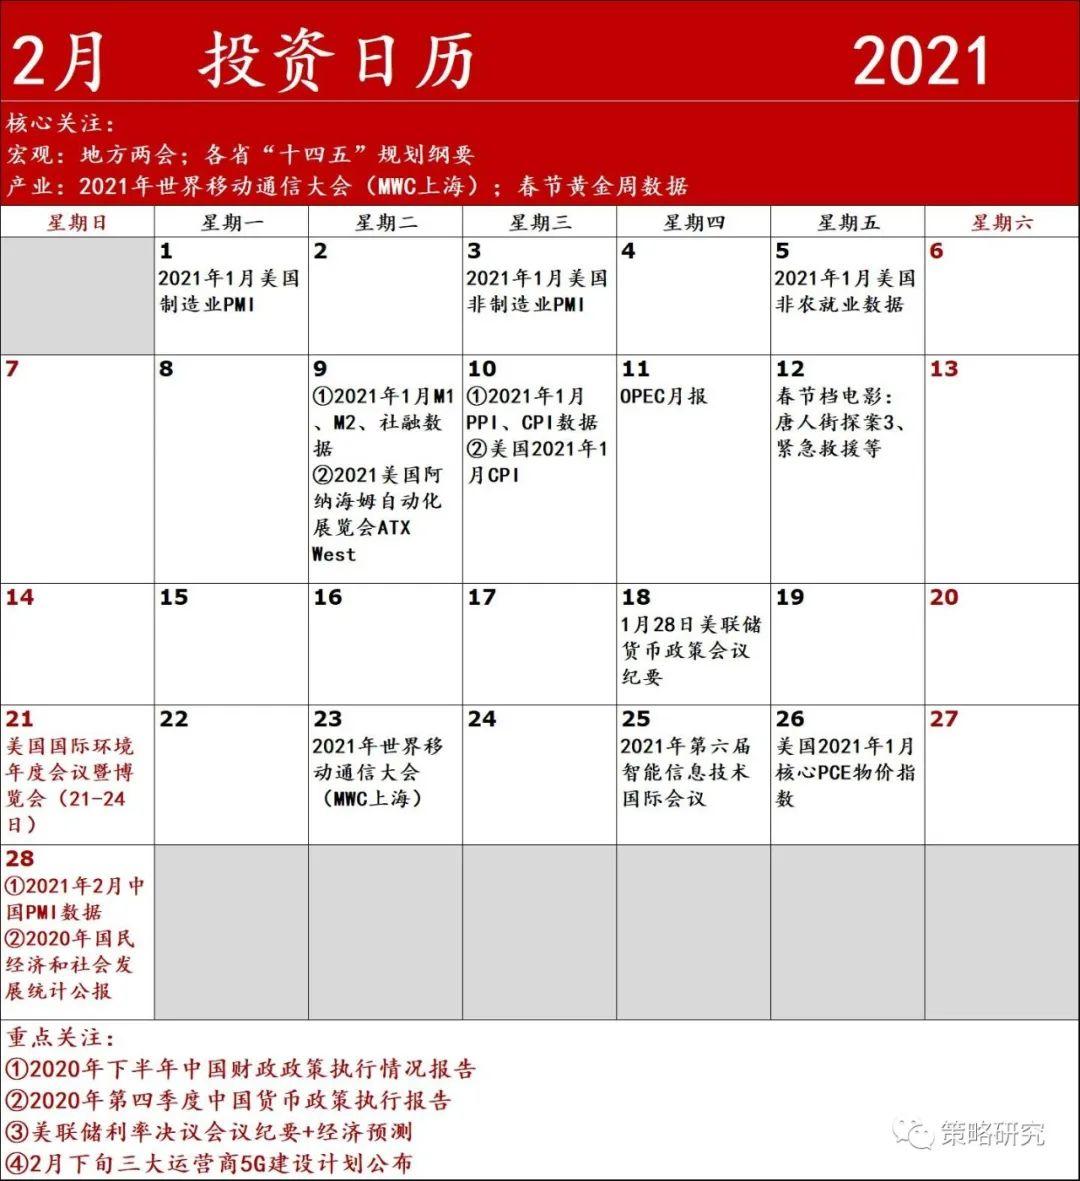 【方正策略】2月投资日历